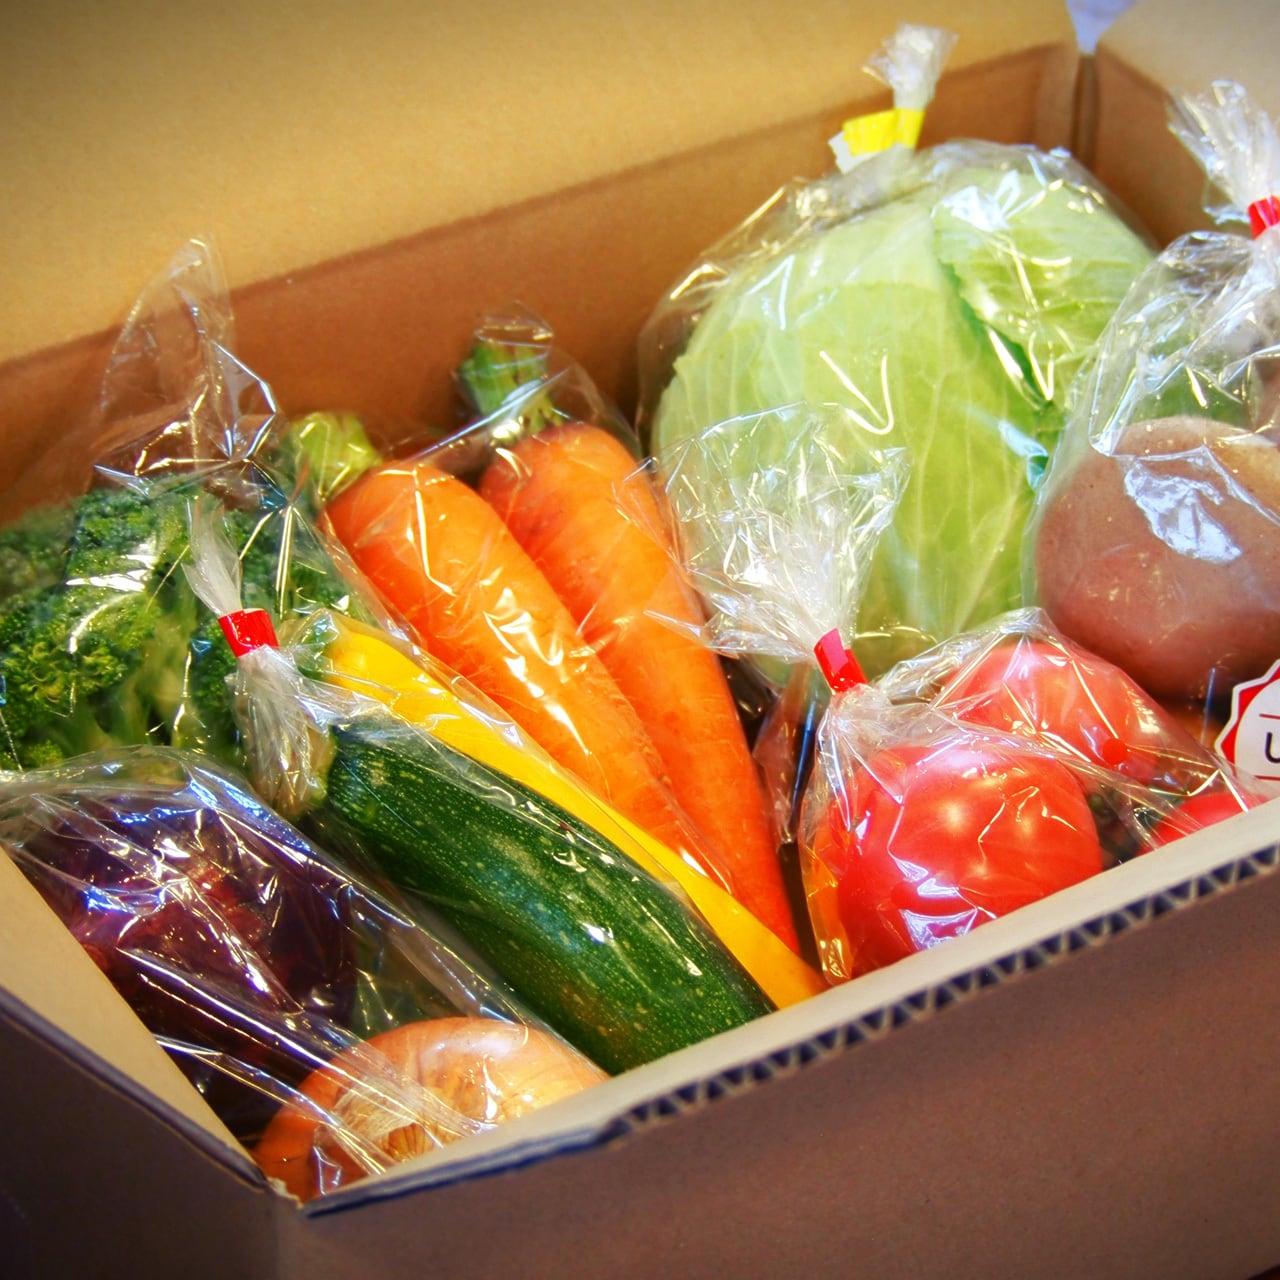 【てんこもりさん】山県の野菜詰め合わせBOX 田舎直送便